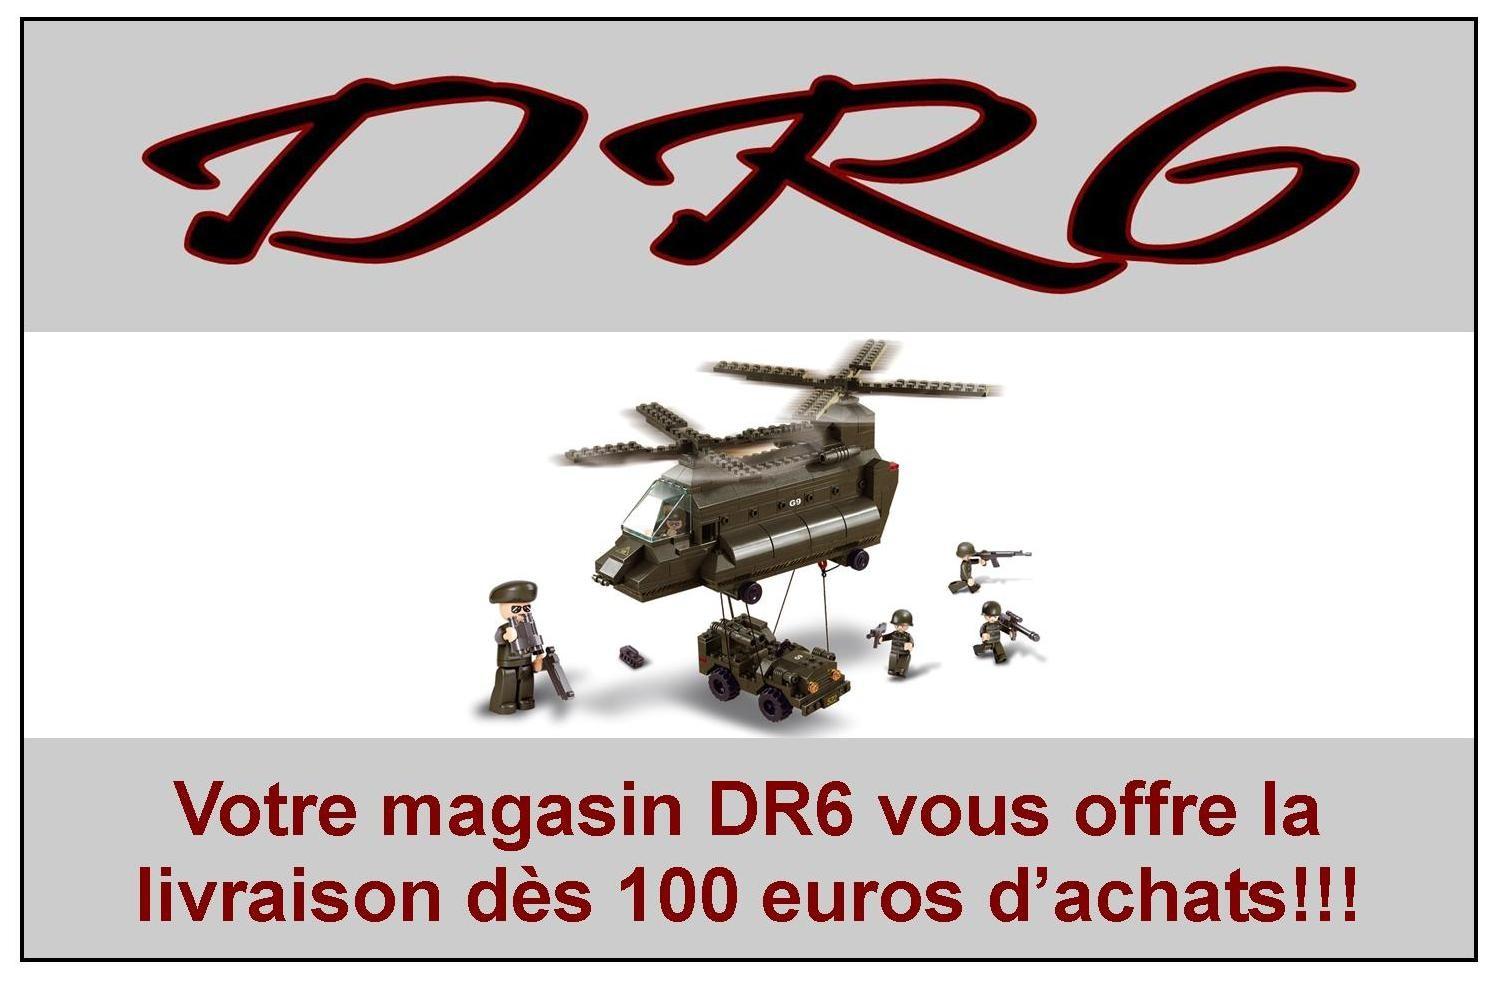 Votre magasin spécialisé DR6 Airsoft vous offre la livraison dès 100 euros d'achats